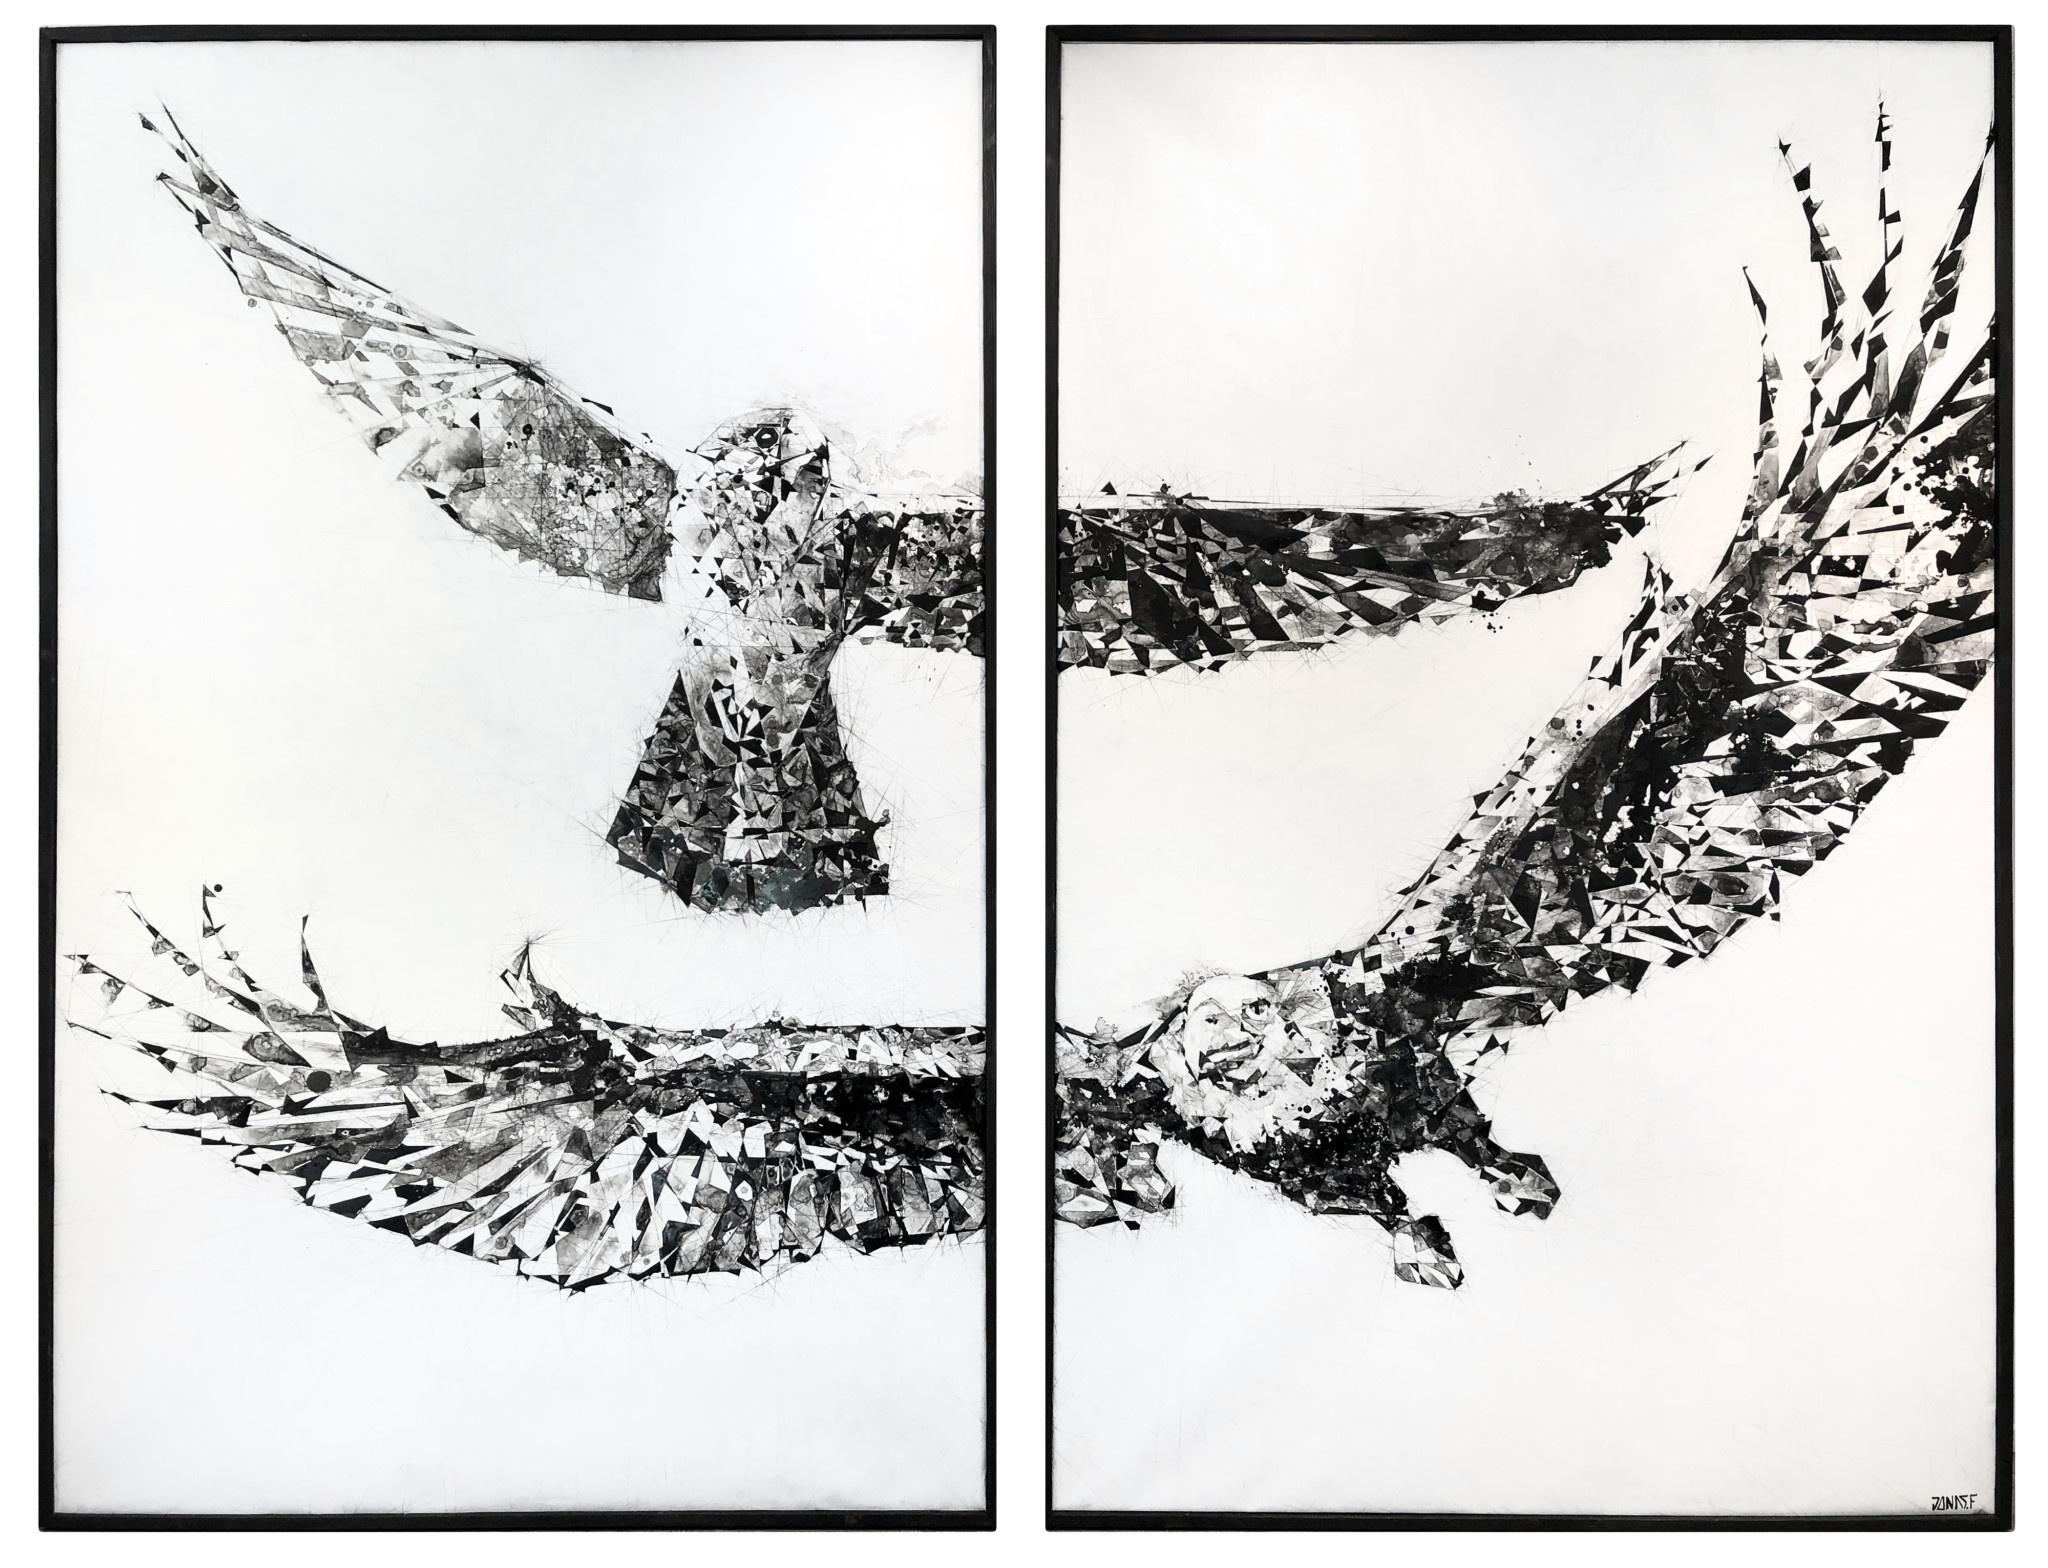 KESTREL & EAGLE